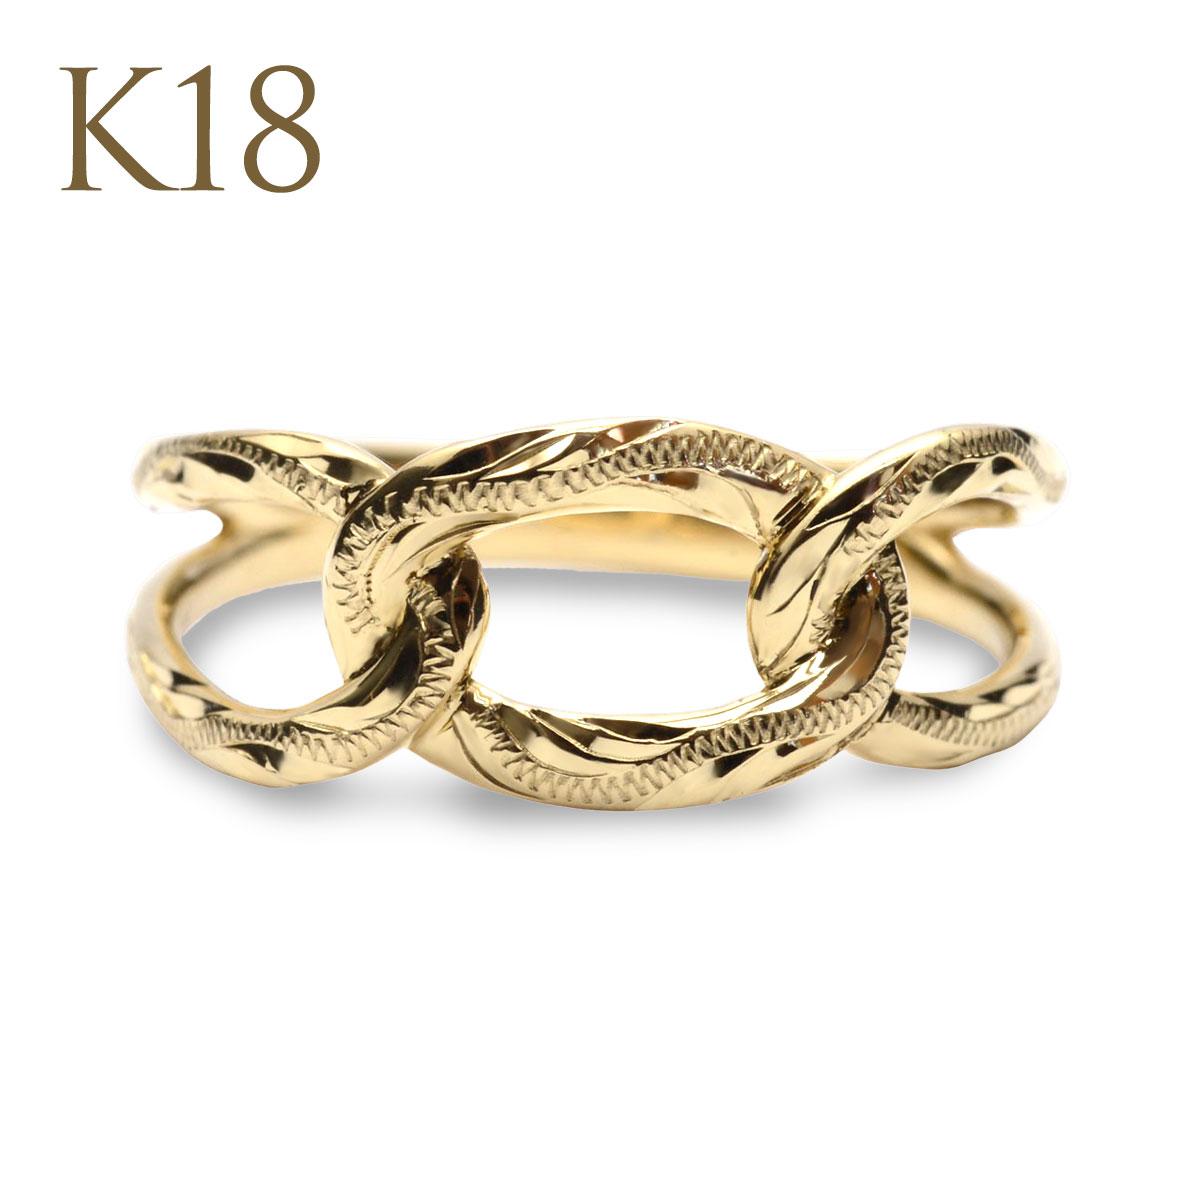 ハワイアンジュエリー リング 指輪 K18 ゴールド チェーンスクロール リング 18金 18K ゴールド イエローゴールド 新作 年末 お祝い 景品 ホワイトデー